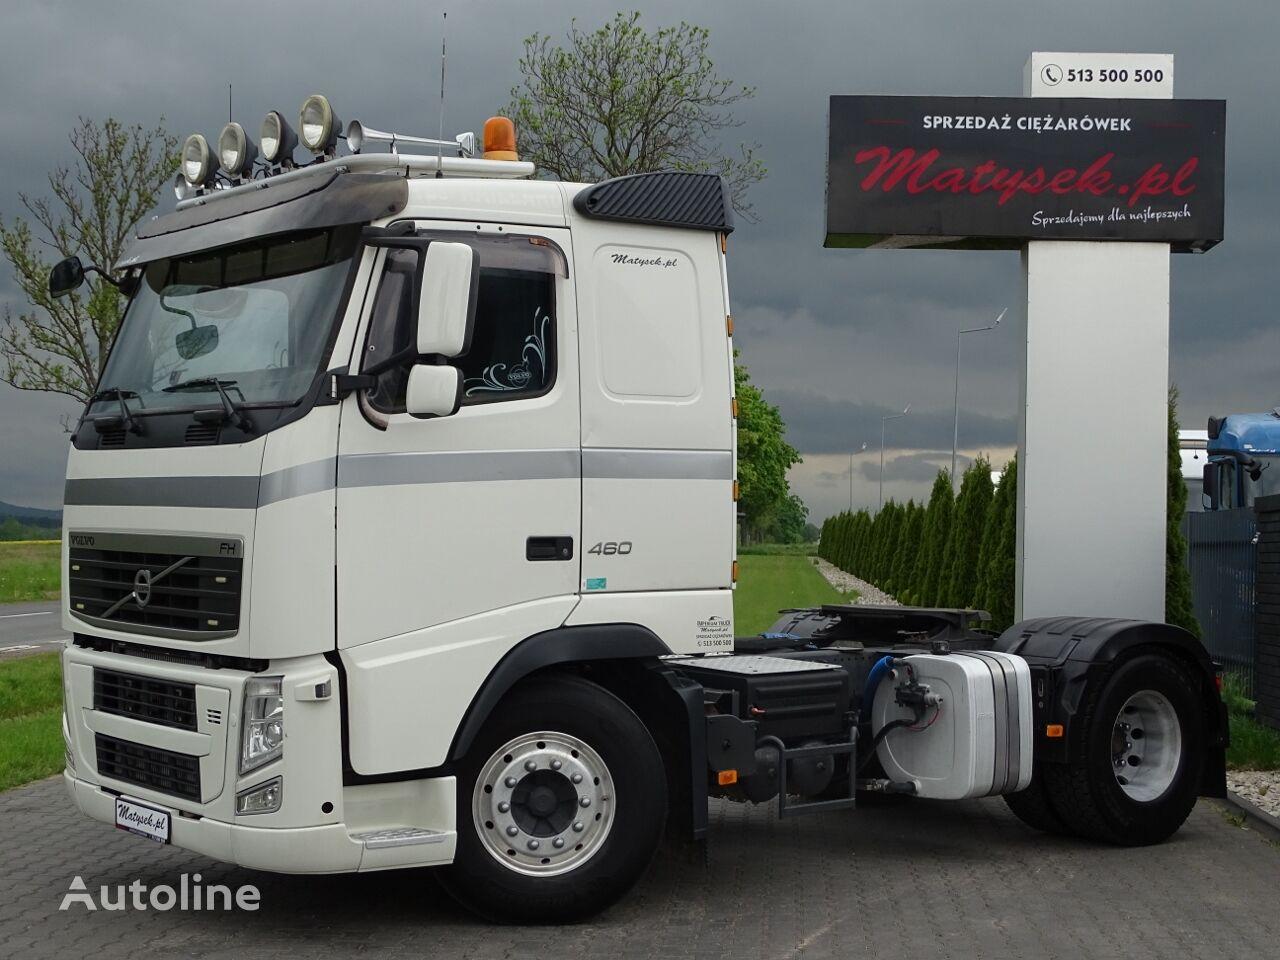 VOLVO FH 460 / LOW CAB / RETARDER / KIPPER HYDRAULIC SYSTEM / EEV /  tractora